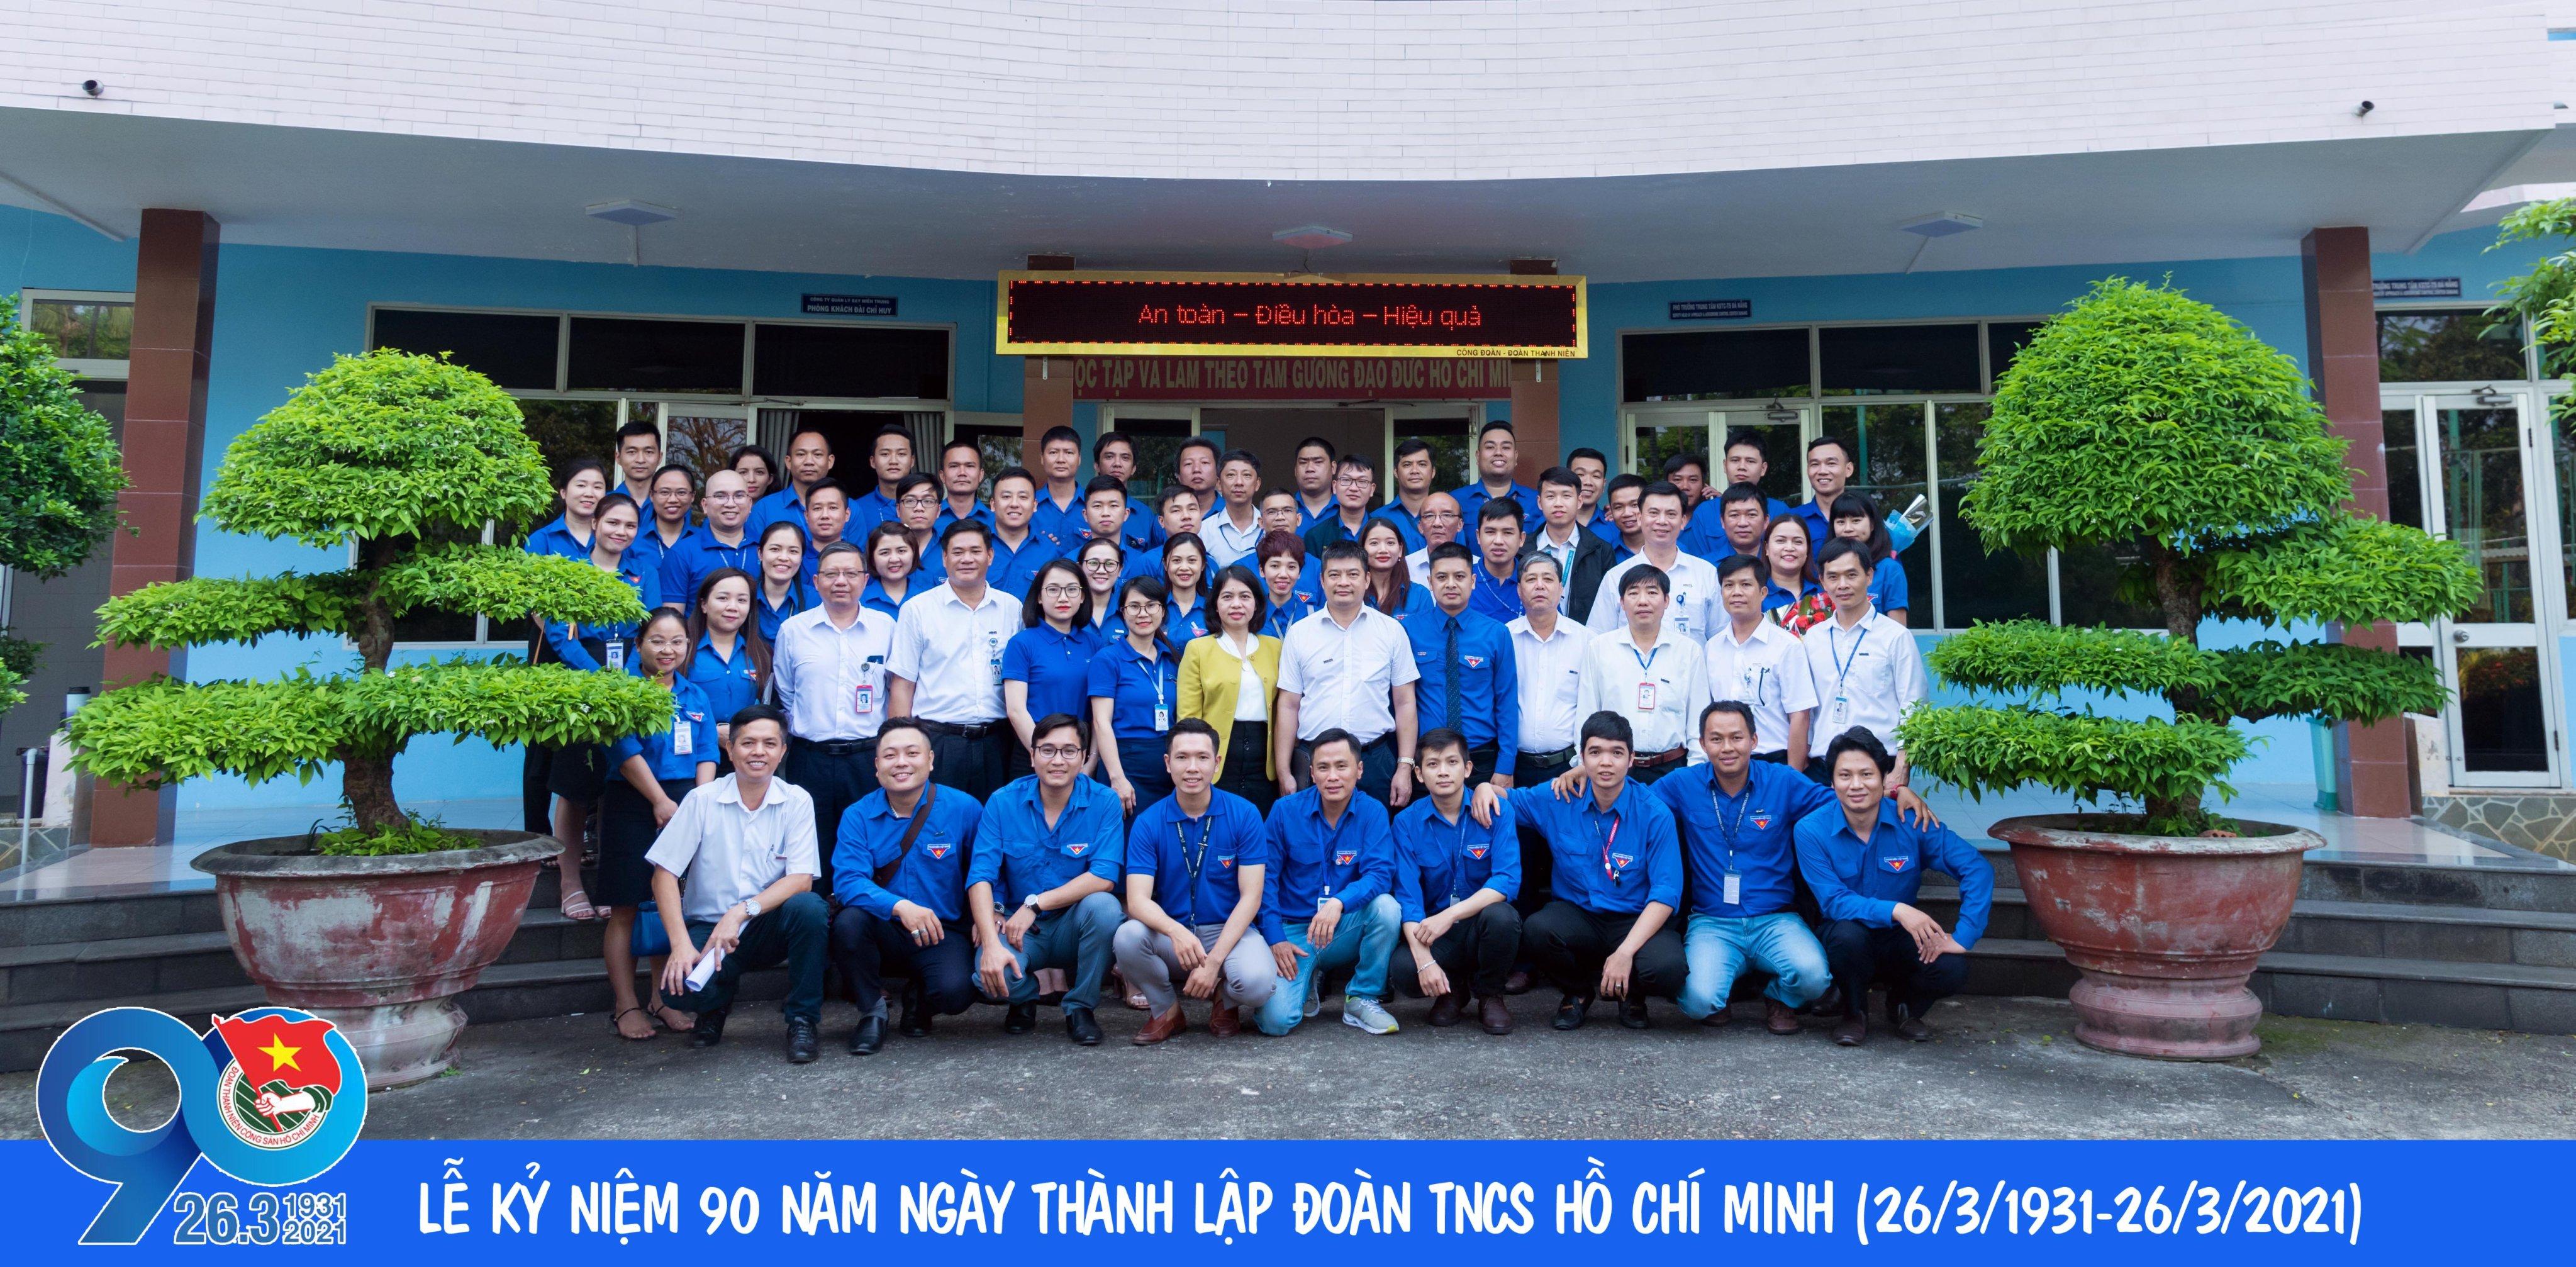 Đoàn Thanh niên Công ty Quản lý bay miền Trung: Kỷ niệm 90 năm Ngày thành lập Đoàn, tuyên dương thanh niên tiêu biểu và Trưởng thành Đoàn năm 2021